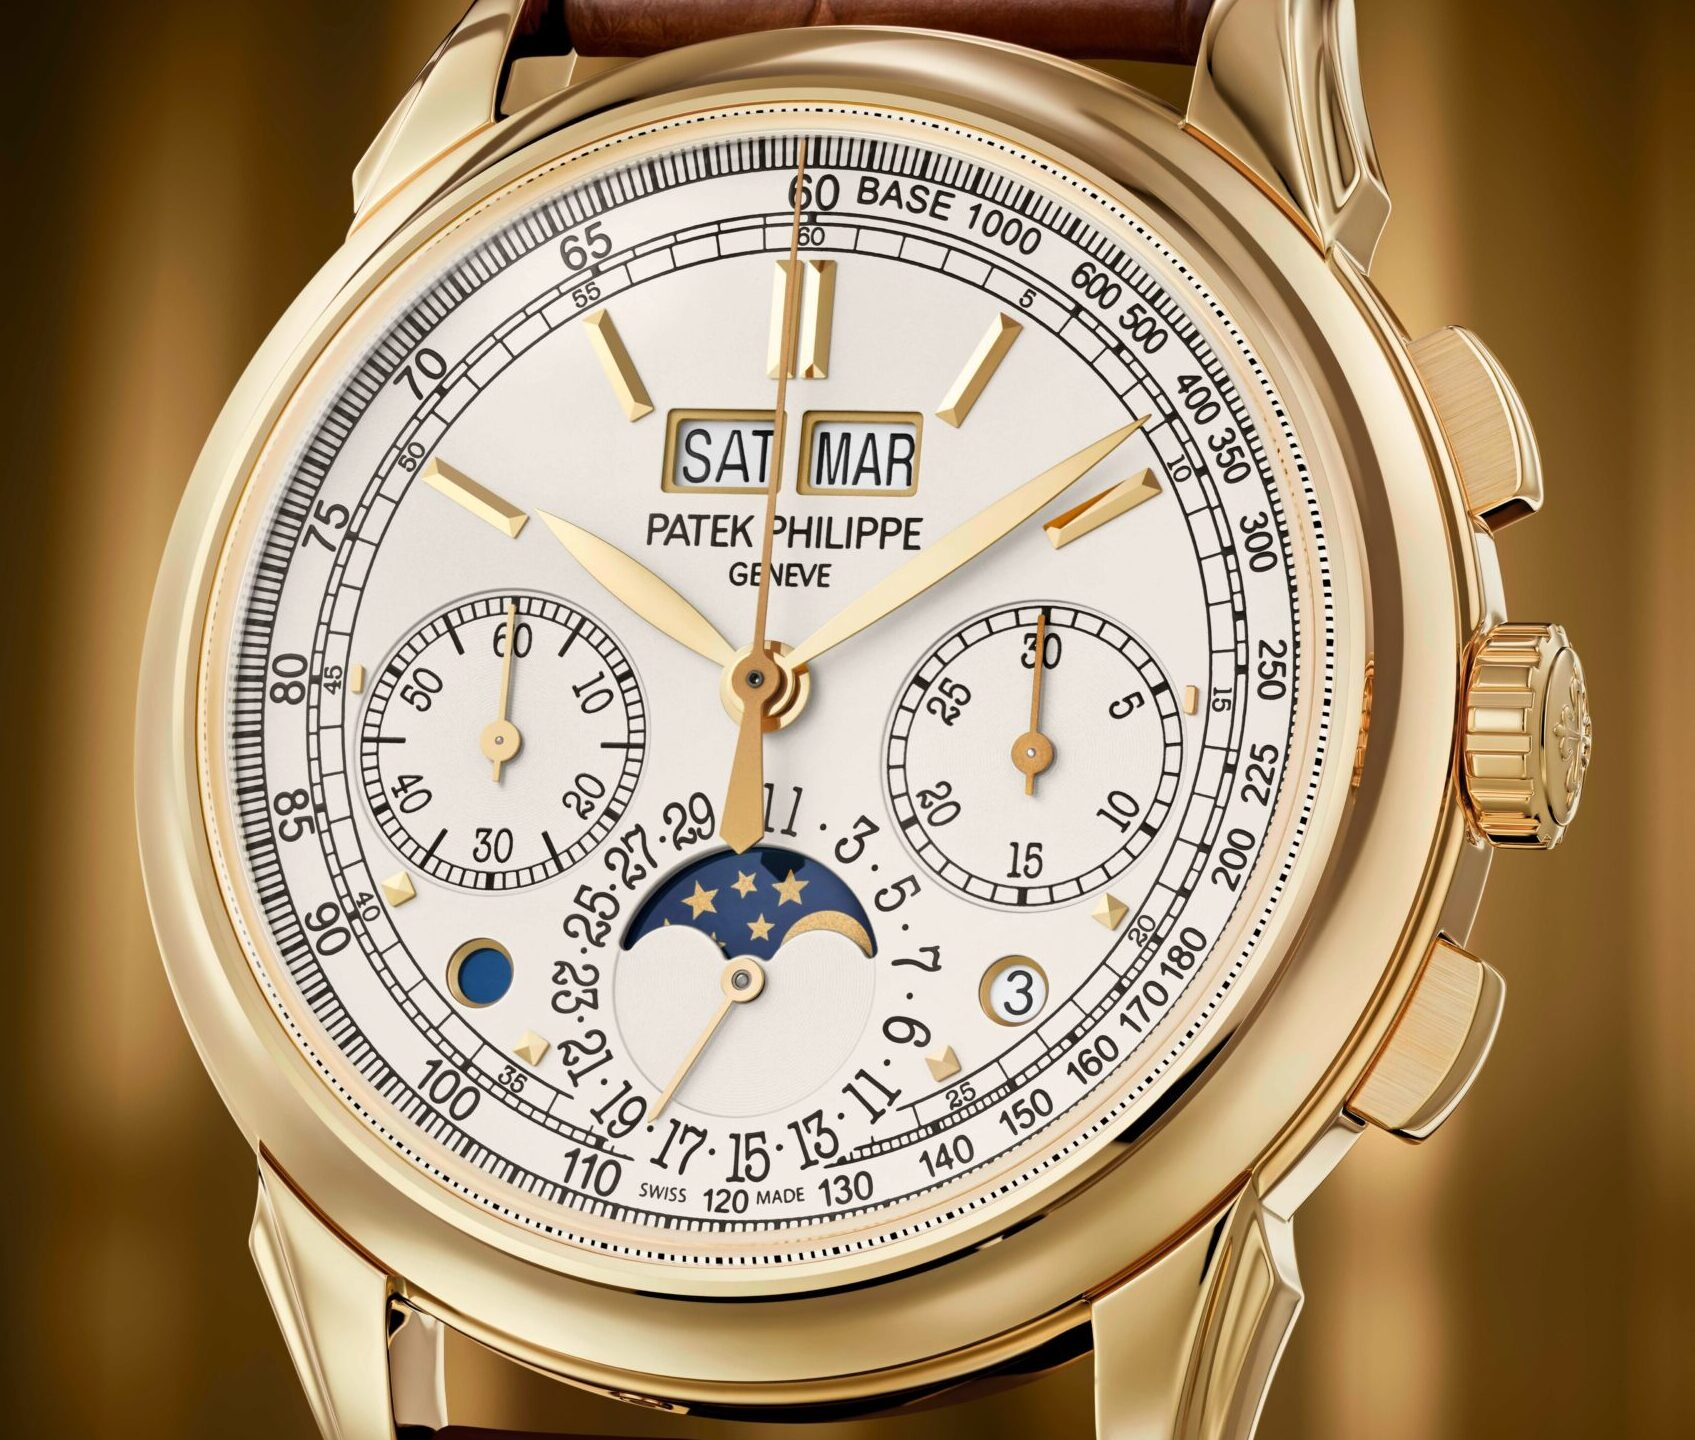 Patek Philippe Perpetual Calendar Chronograph Ref 5270J-001 -2